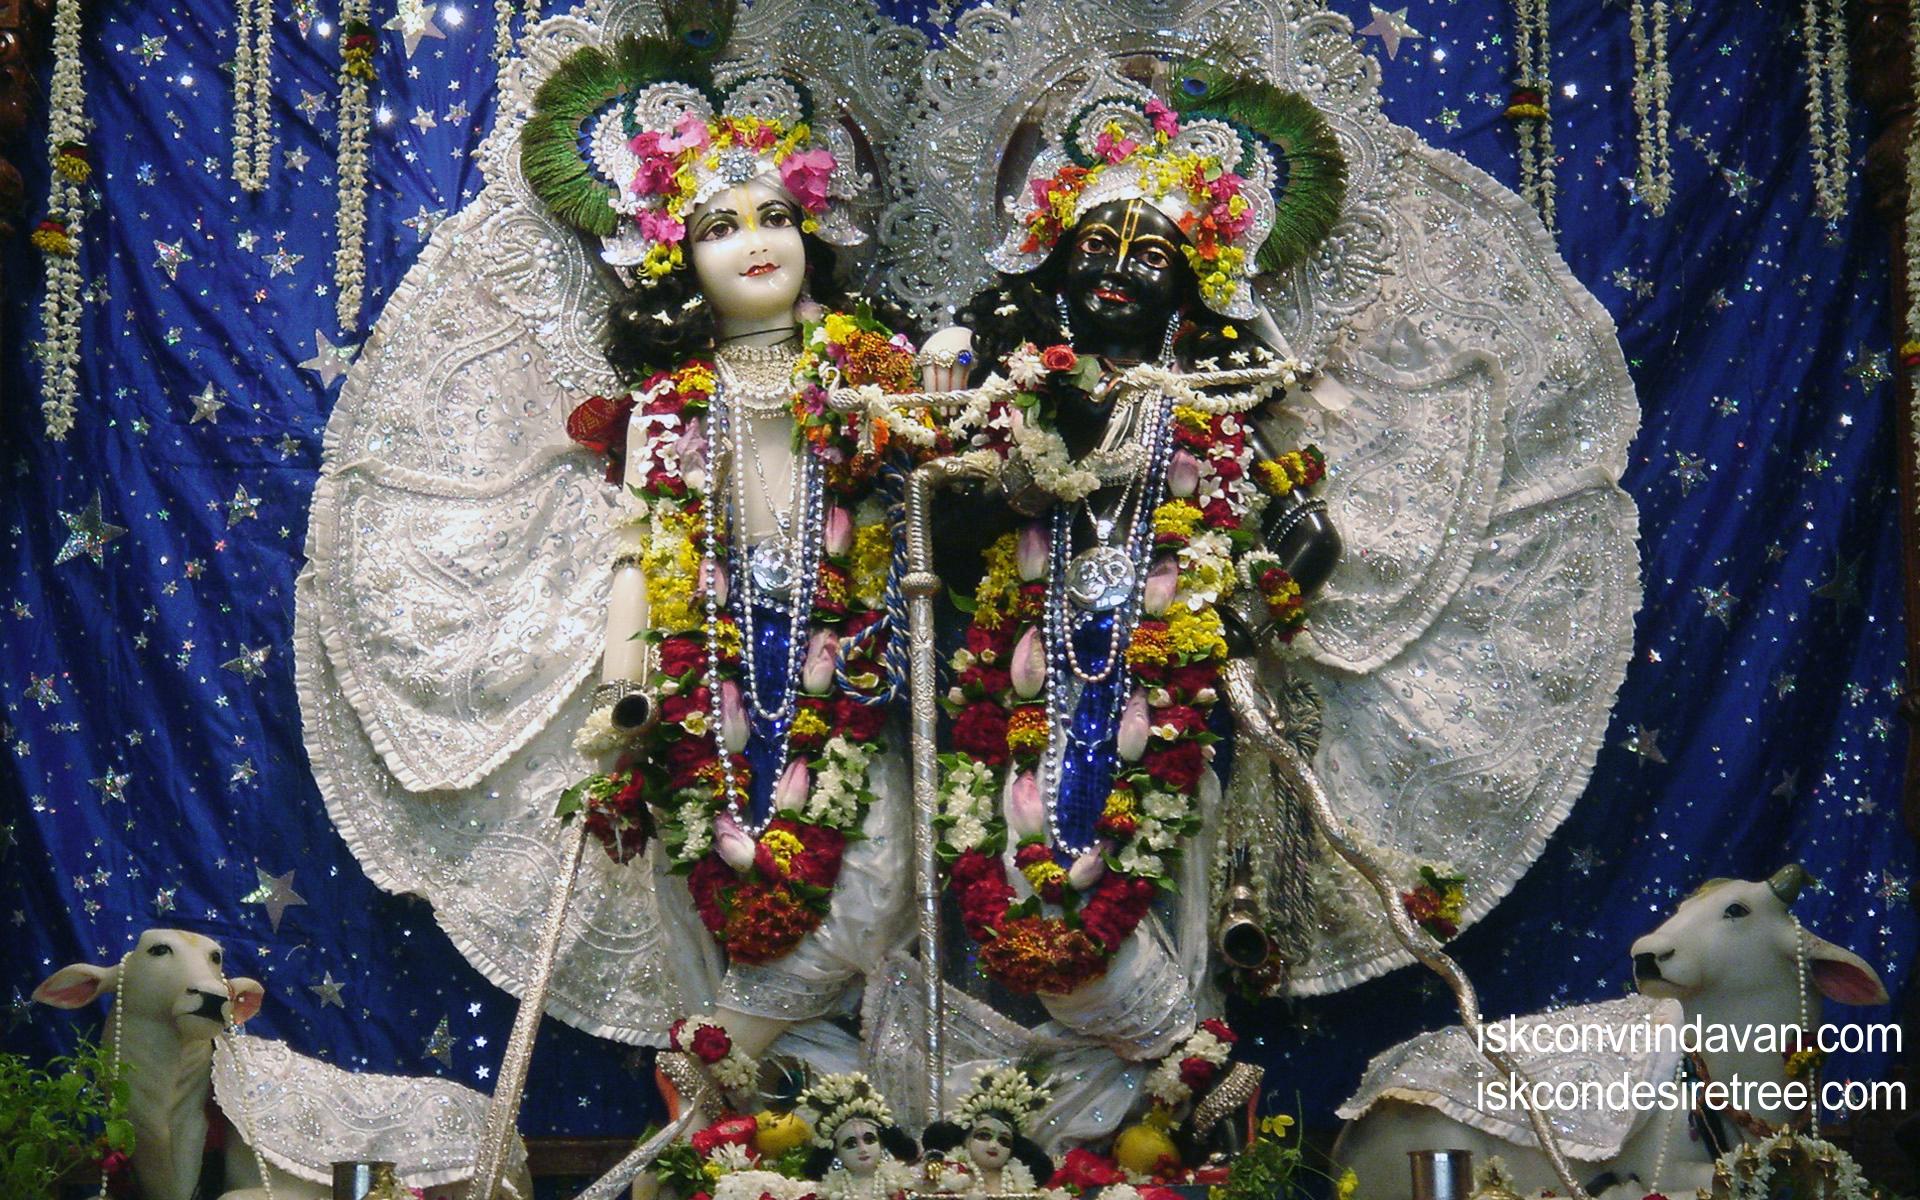 Sri Sri Krishna Balaram Wallpaper (026) Size 1920x1200 Download